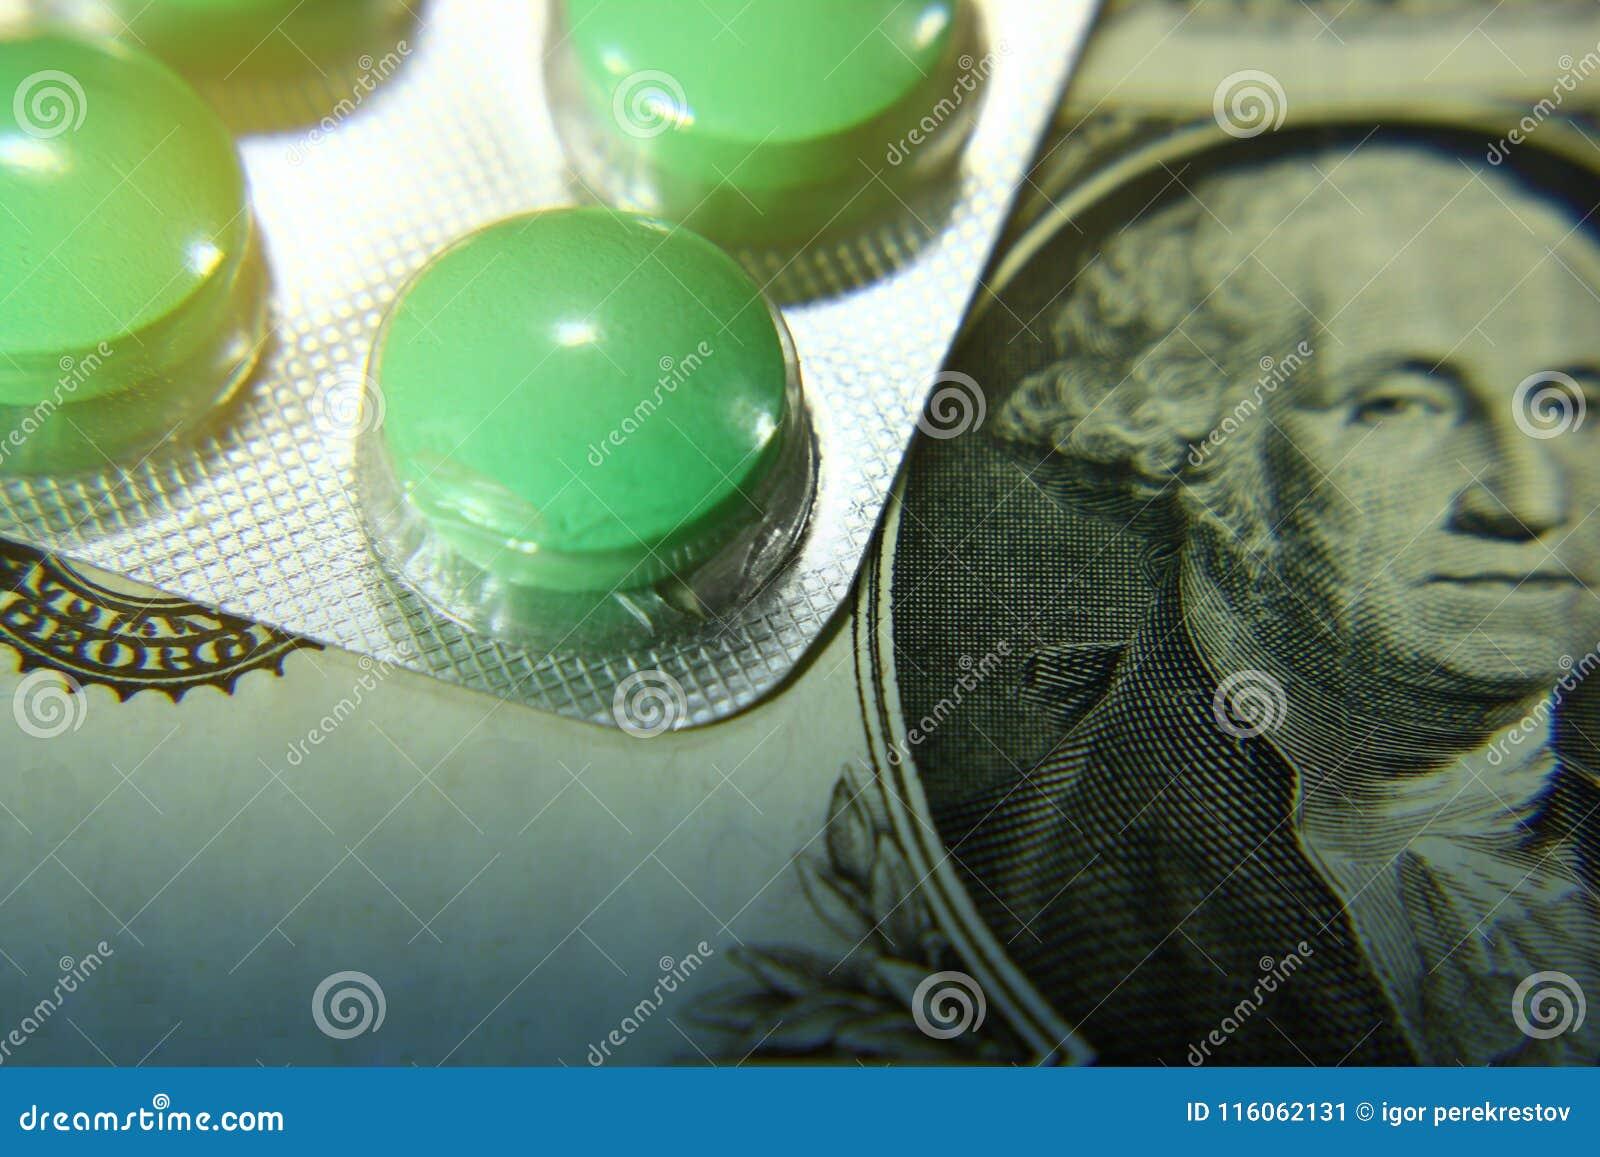 Dolar, wydatek na zdrowie lub pomoc finansowa, wysoki koszt drogi leka pojęcie